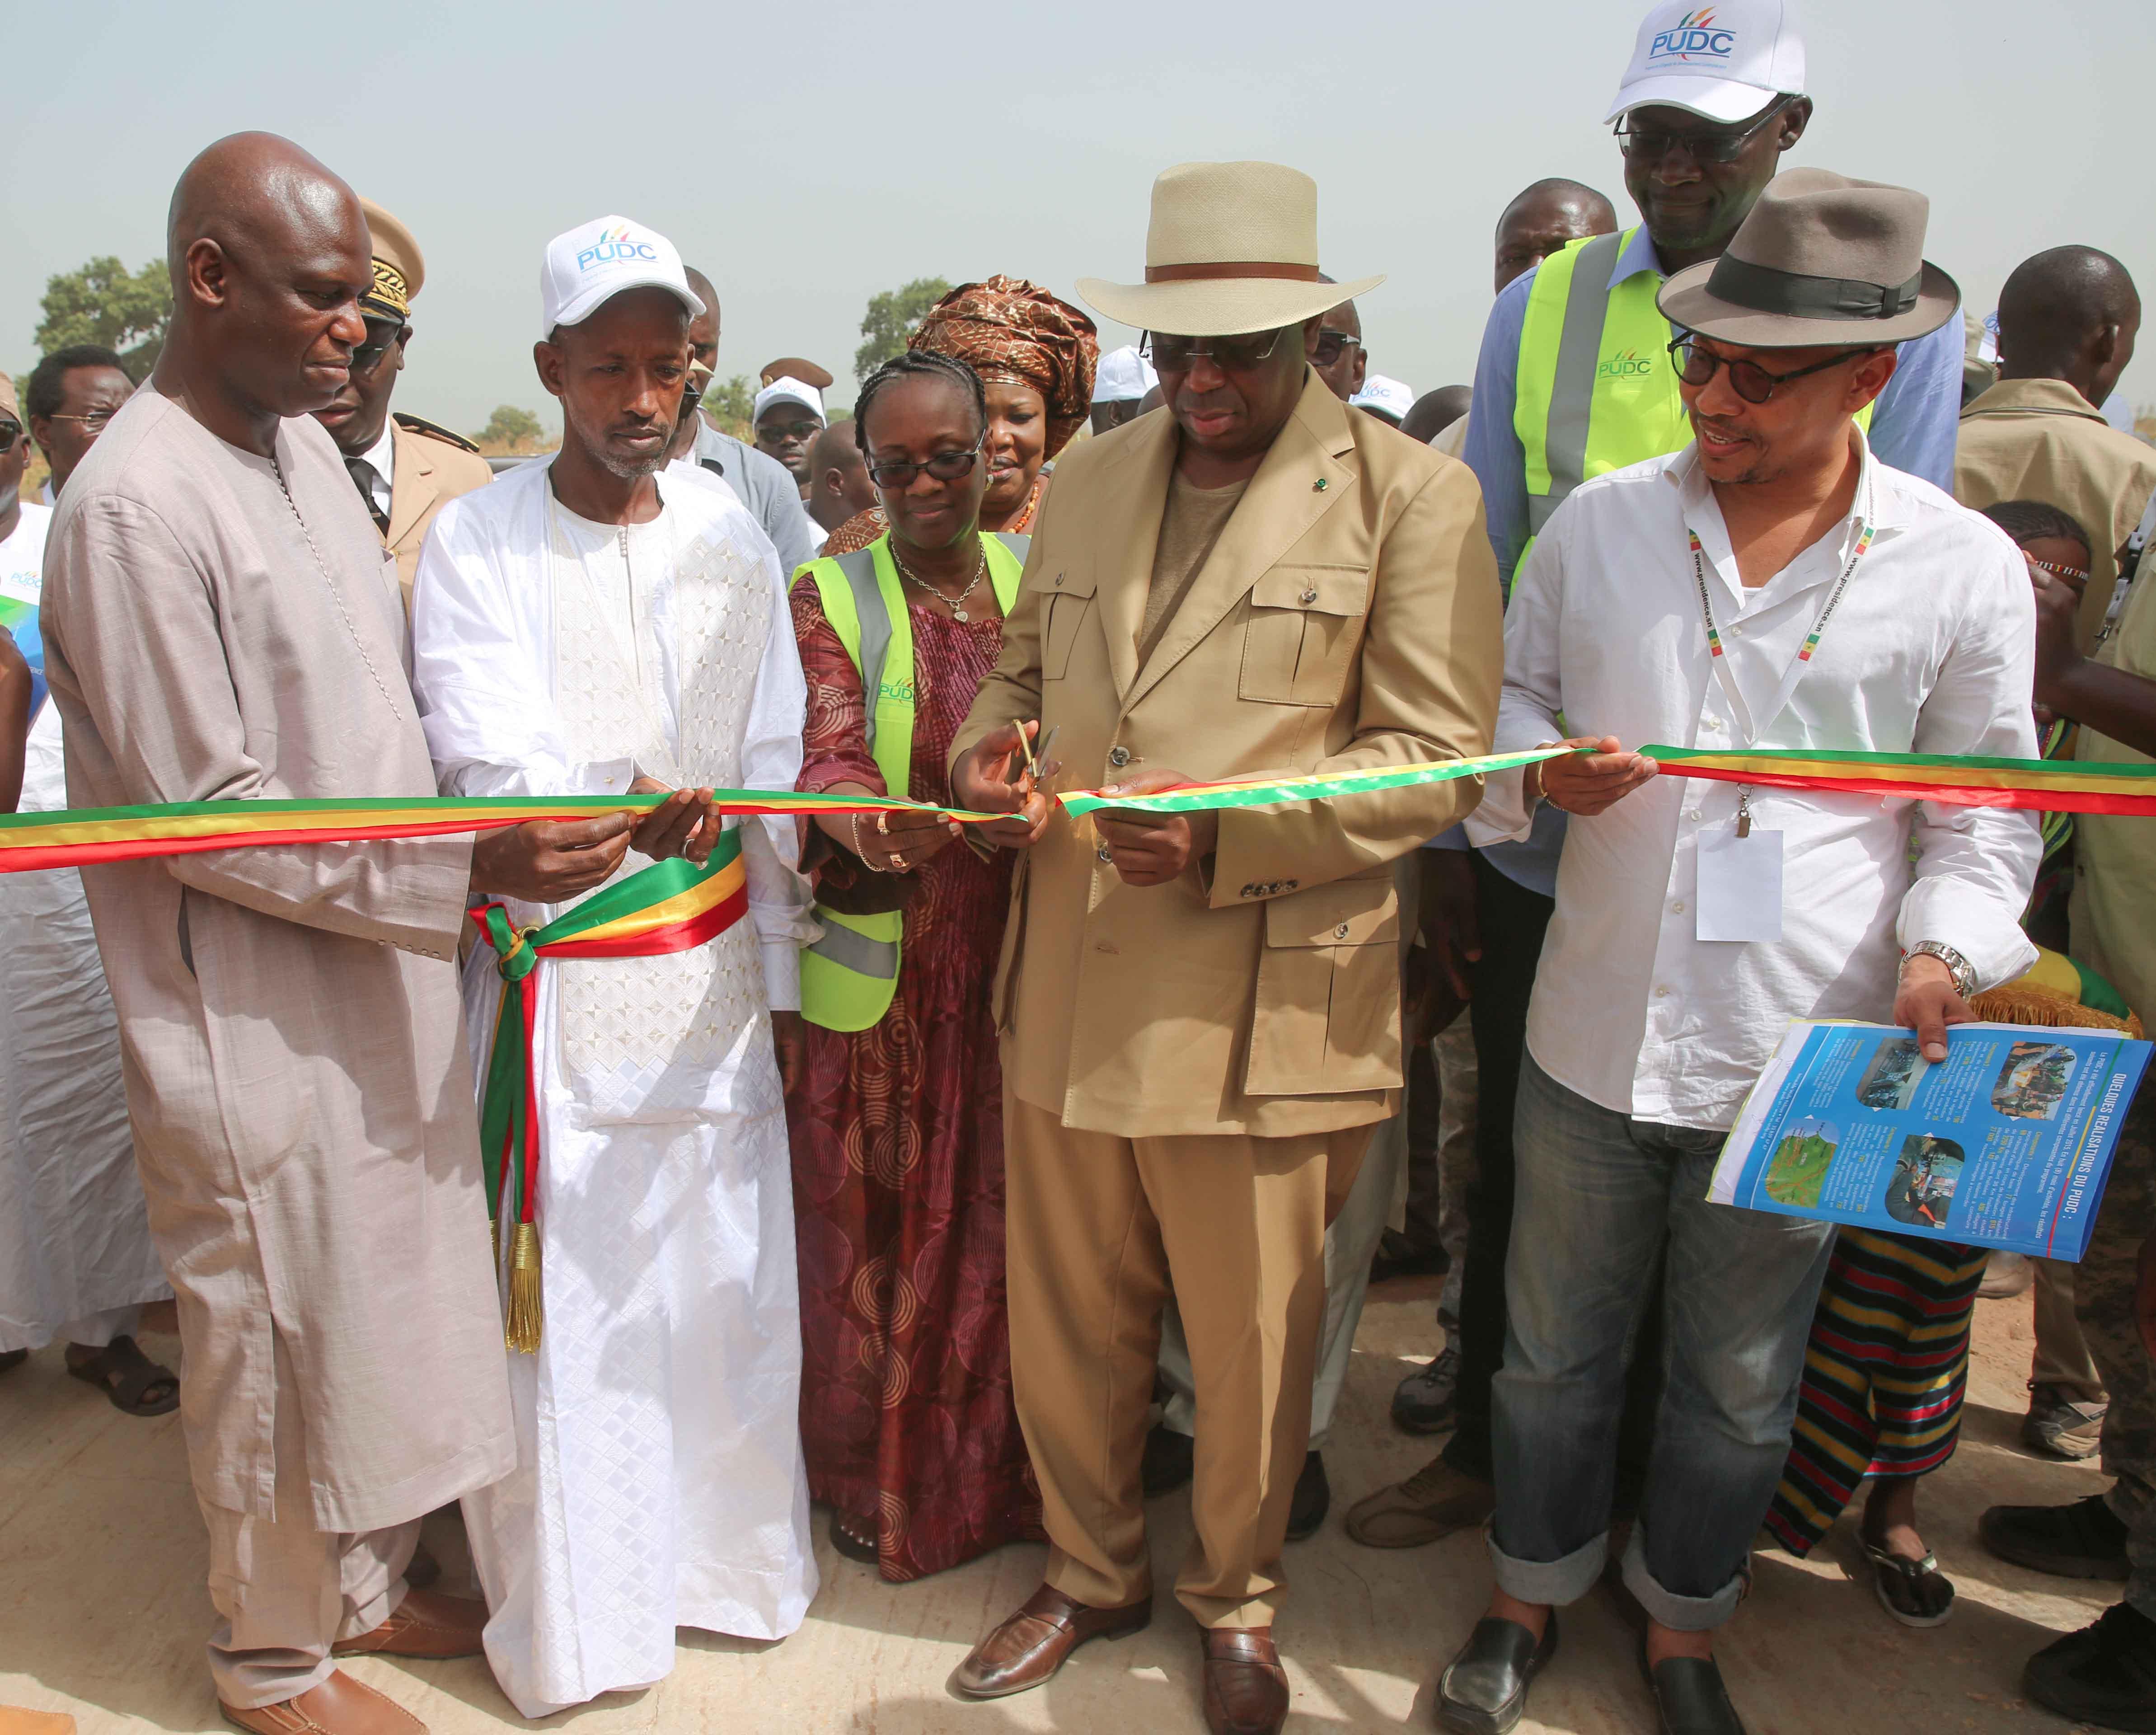 Inauguration du Forage multi-villages de sarré Bamol - Lancement officiel des travaux d'électrification rurale Dialacor - Visite piste Koungheul Maka Gouye (réalisation PUDC)